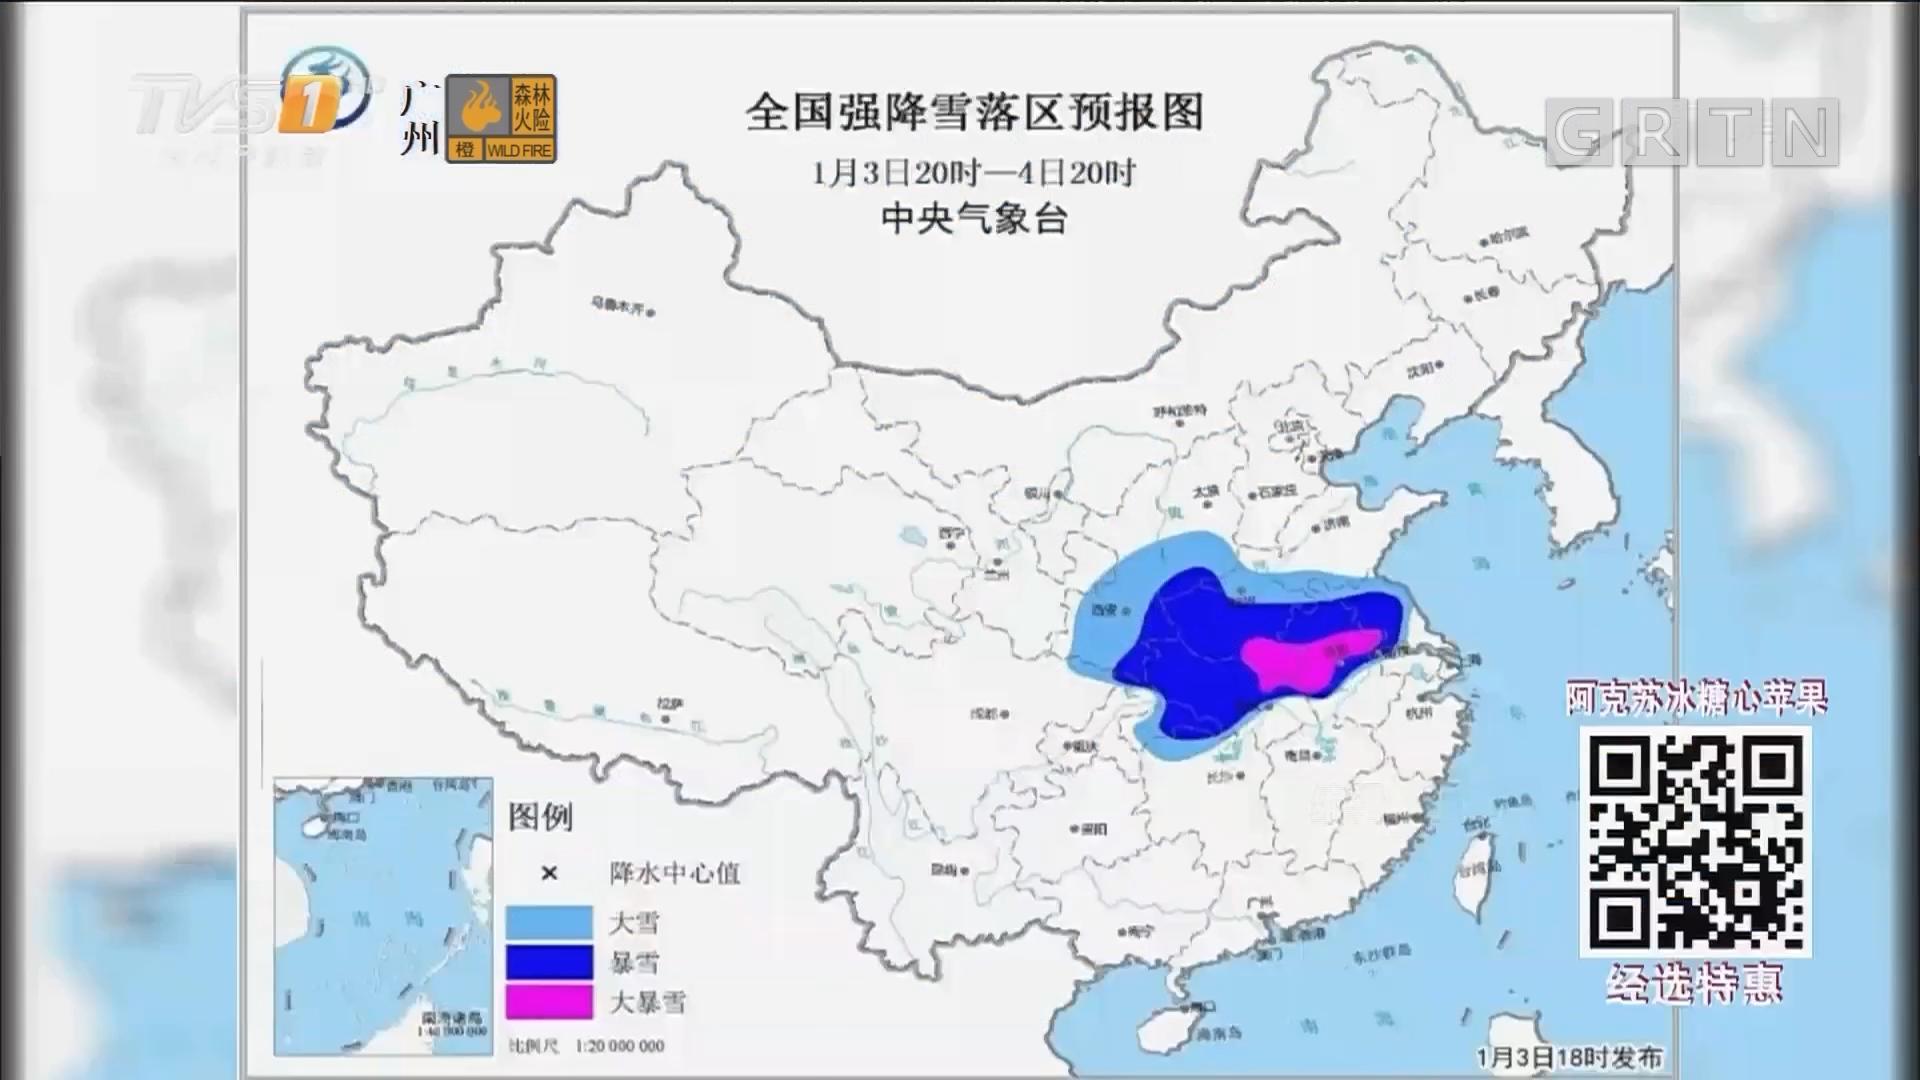 中央气象台发布暴雪橙色预警 全国多地已下暴雪